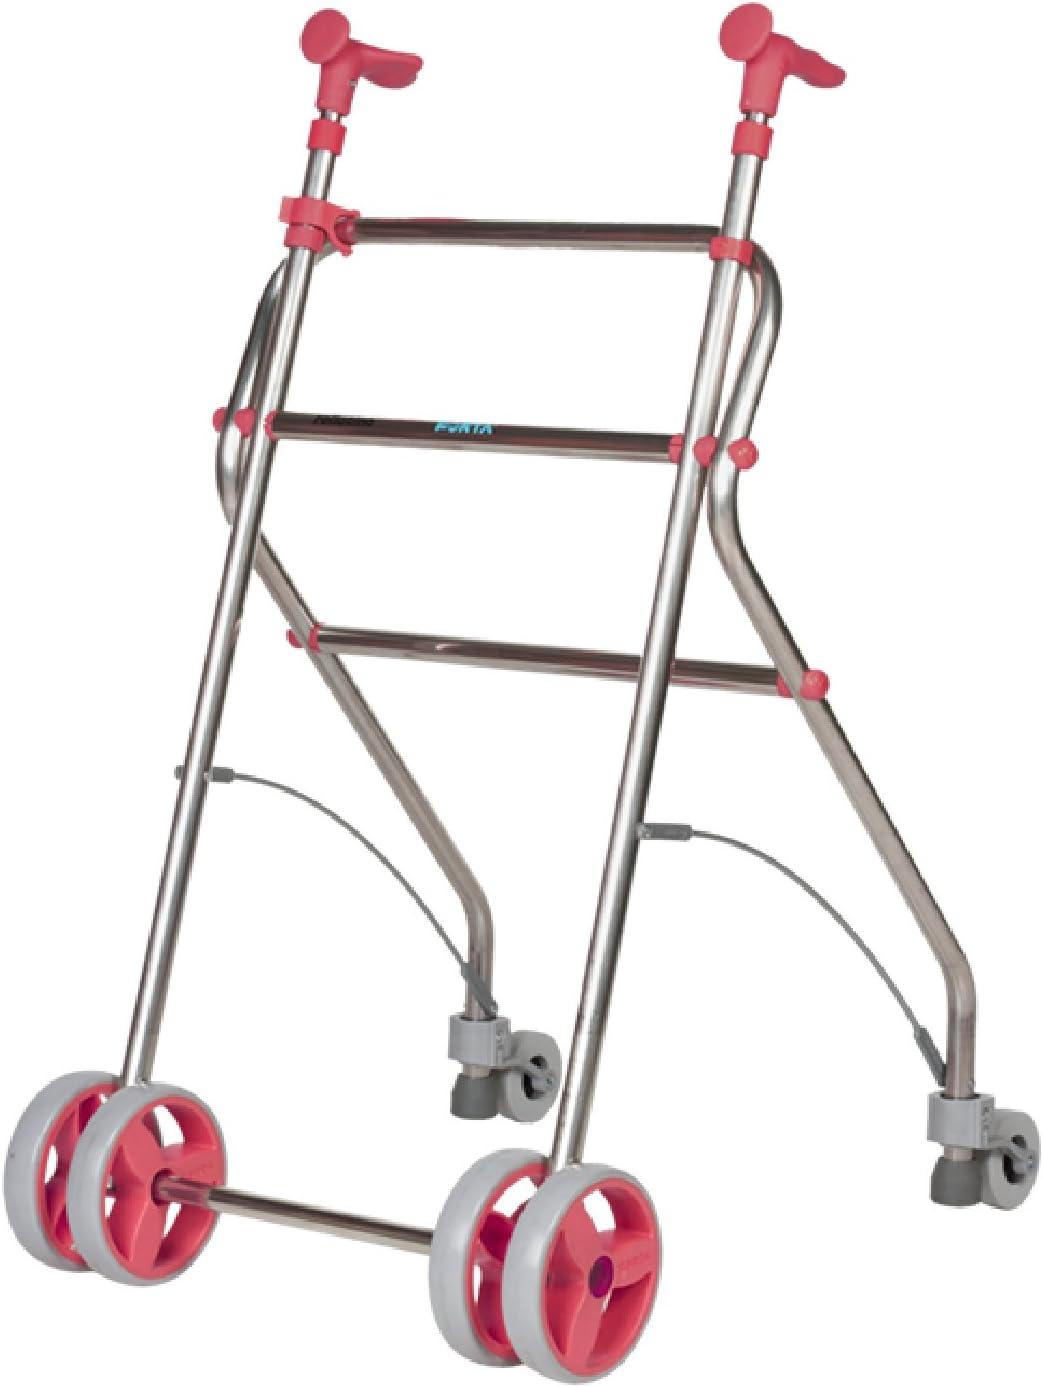 Forta fabricaciones - Andador de aluminio para ancianos Rollatino - Coral: Amazon.es: Salud y cuidado personal